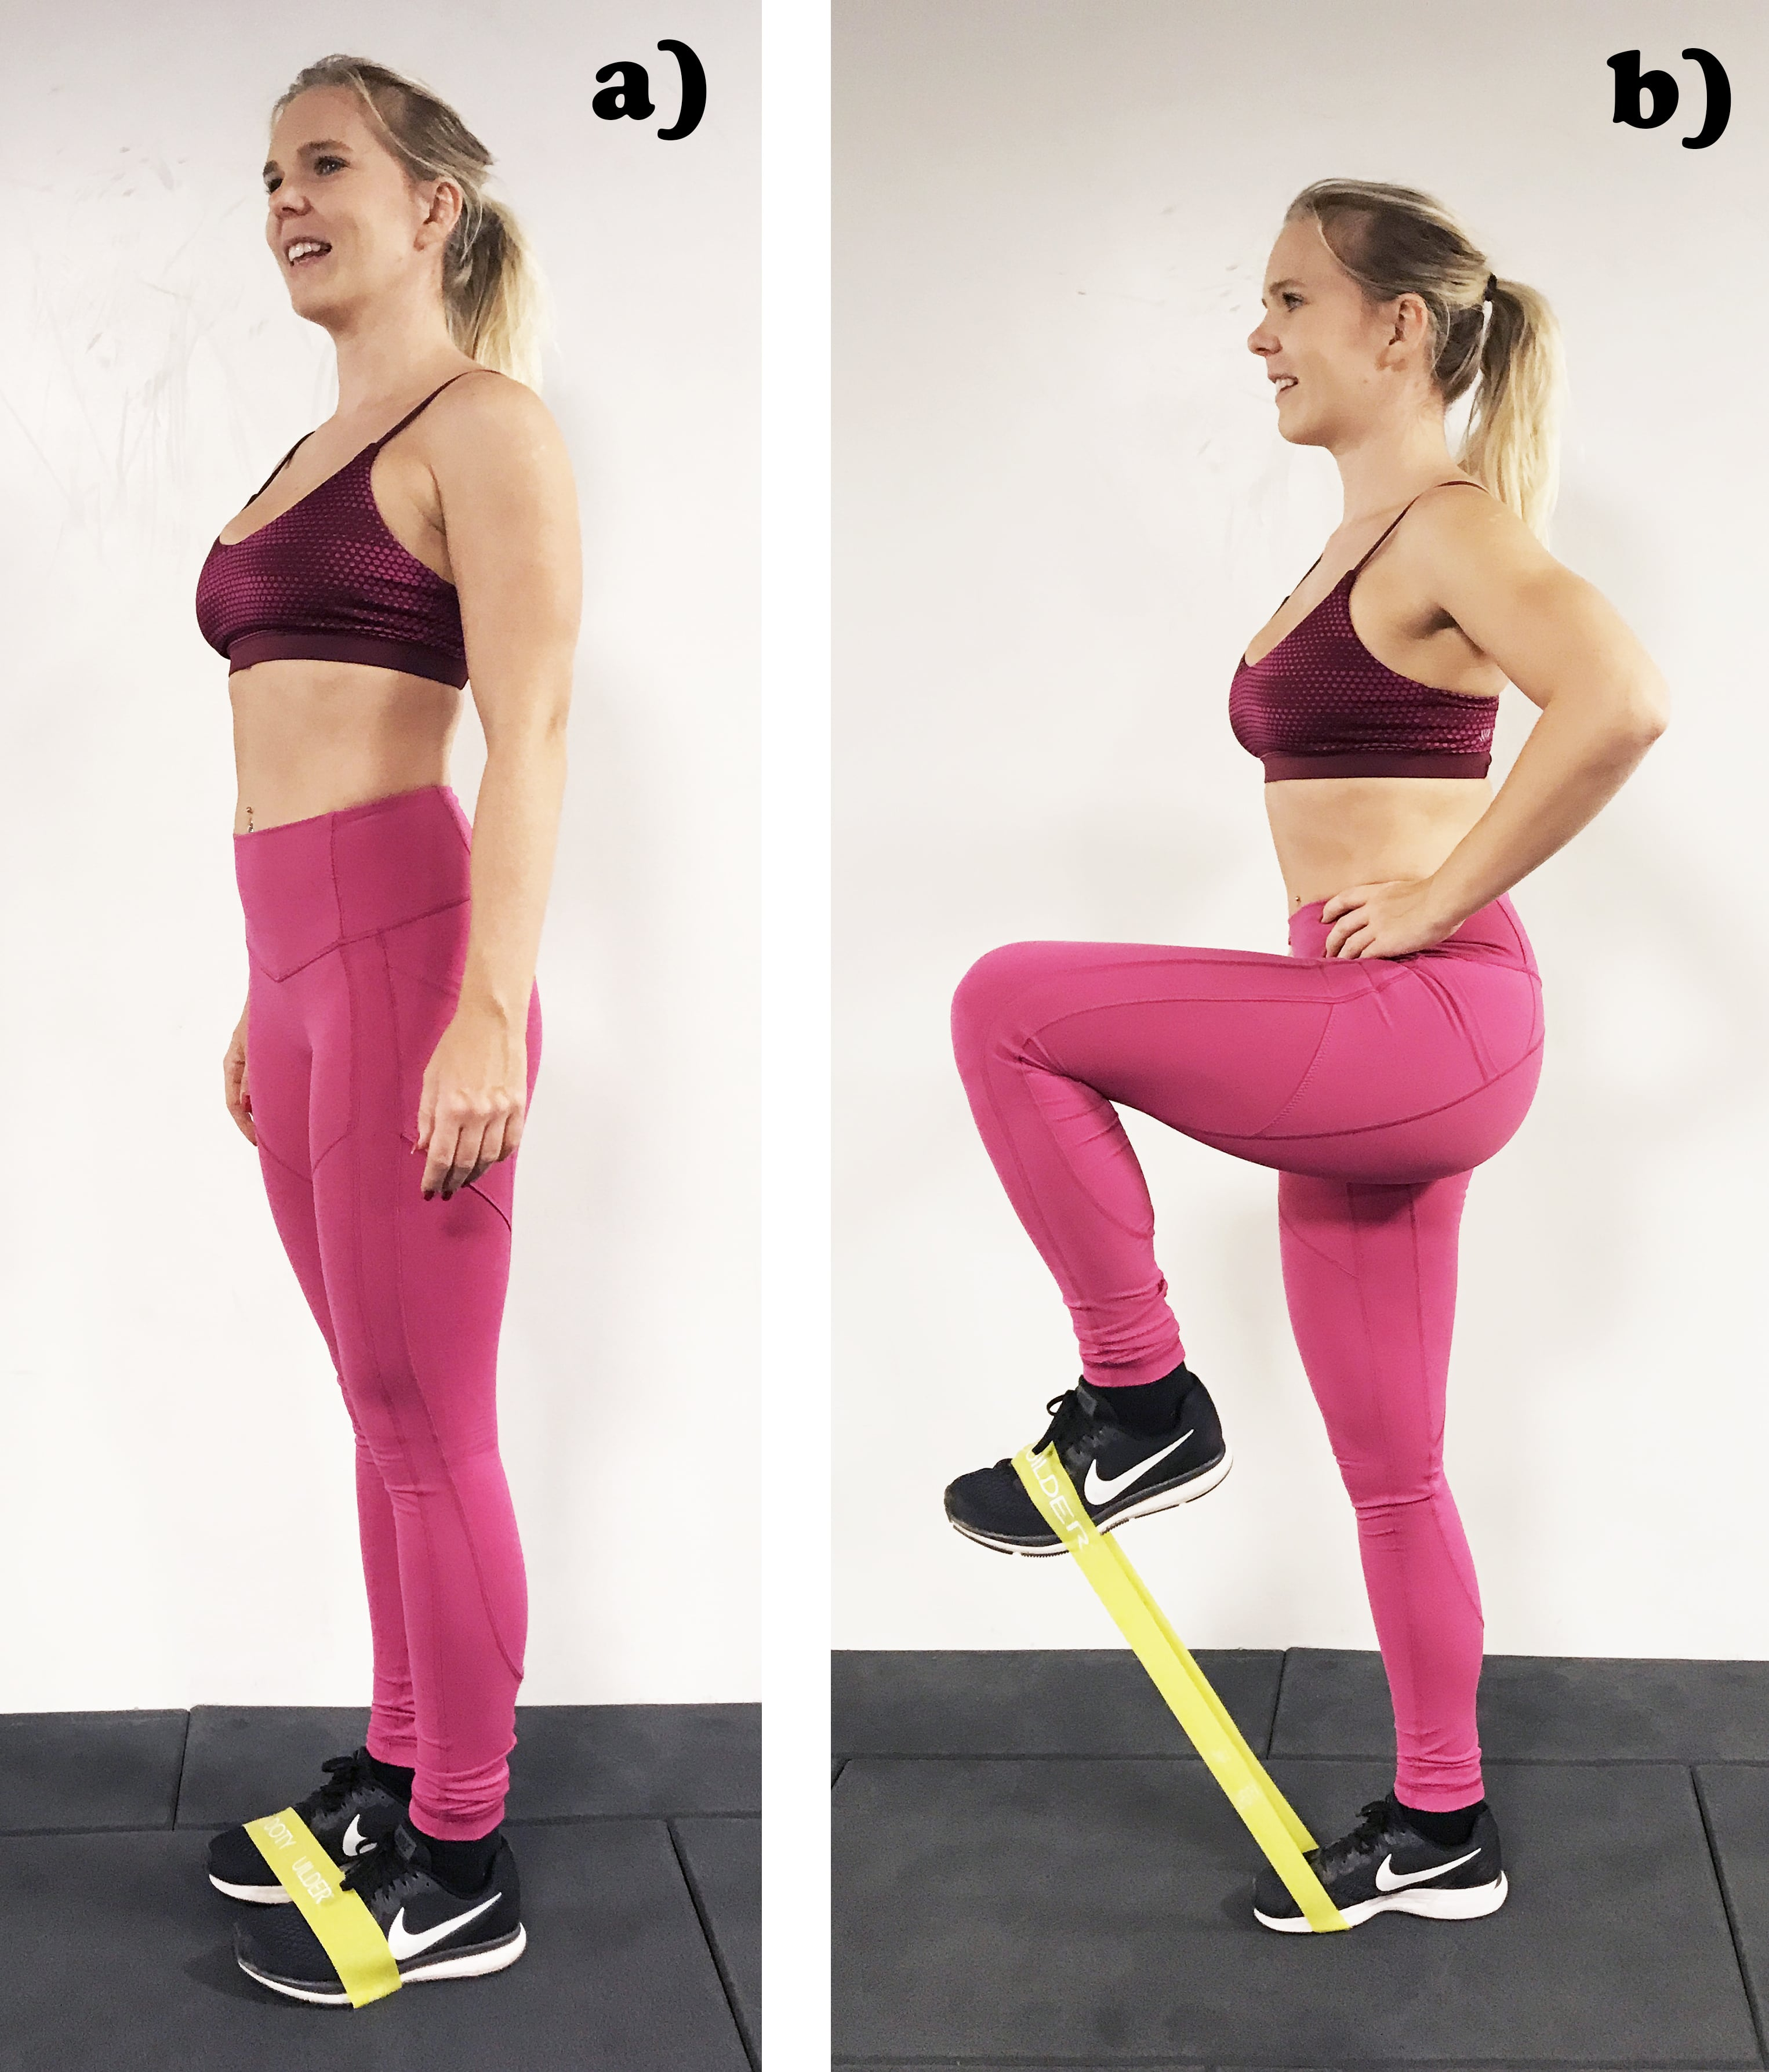 Gummiband träning för ben och rumpa benlyft